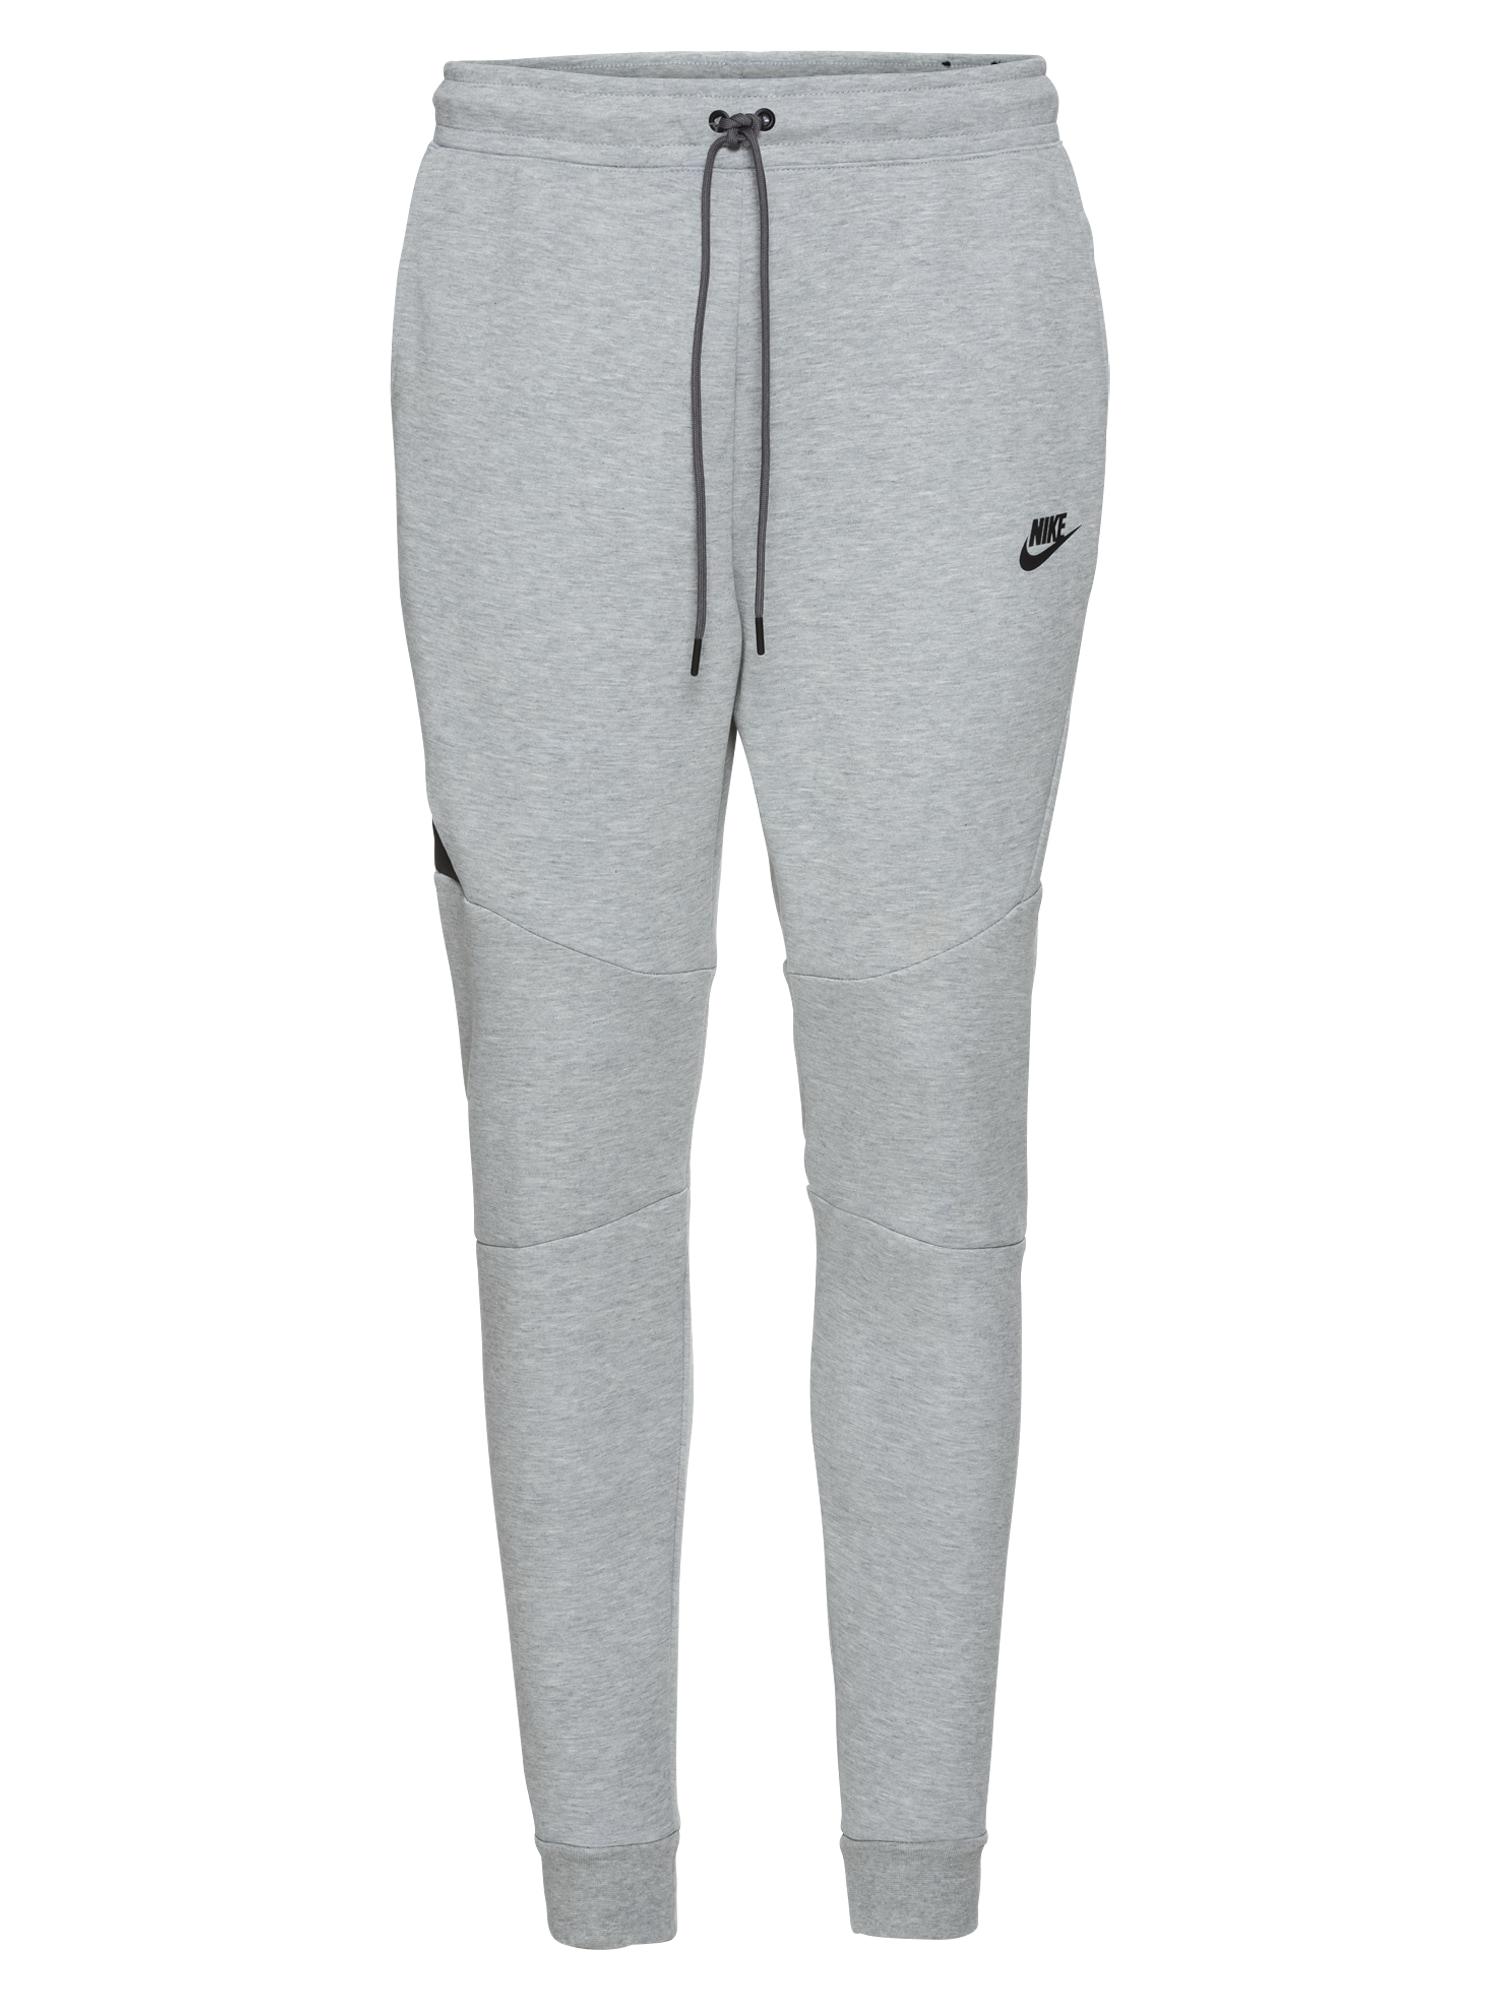 Nike Sportswear, Heren Broek 'M NSW TCH FLC JGGR', grijs